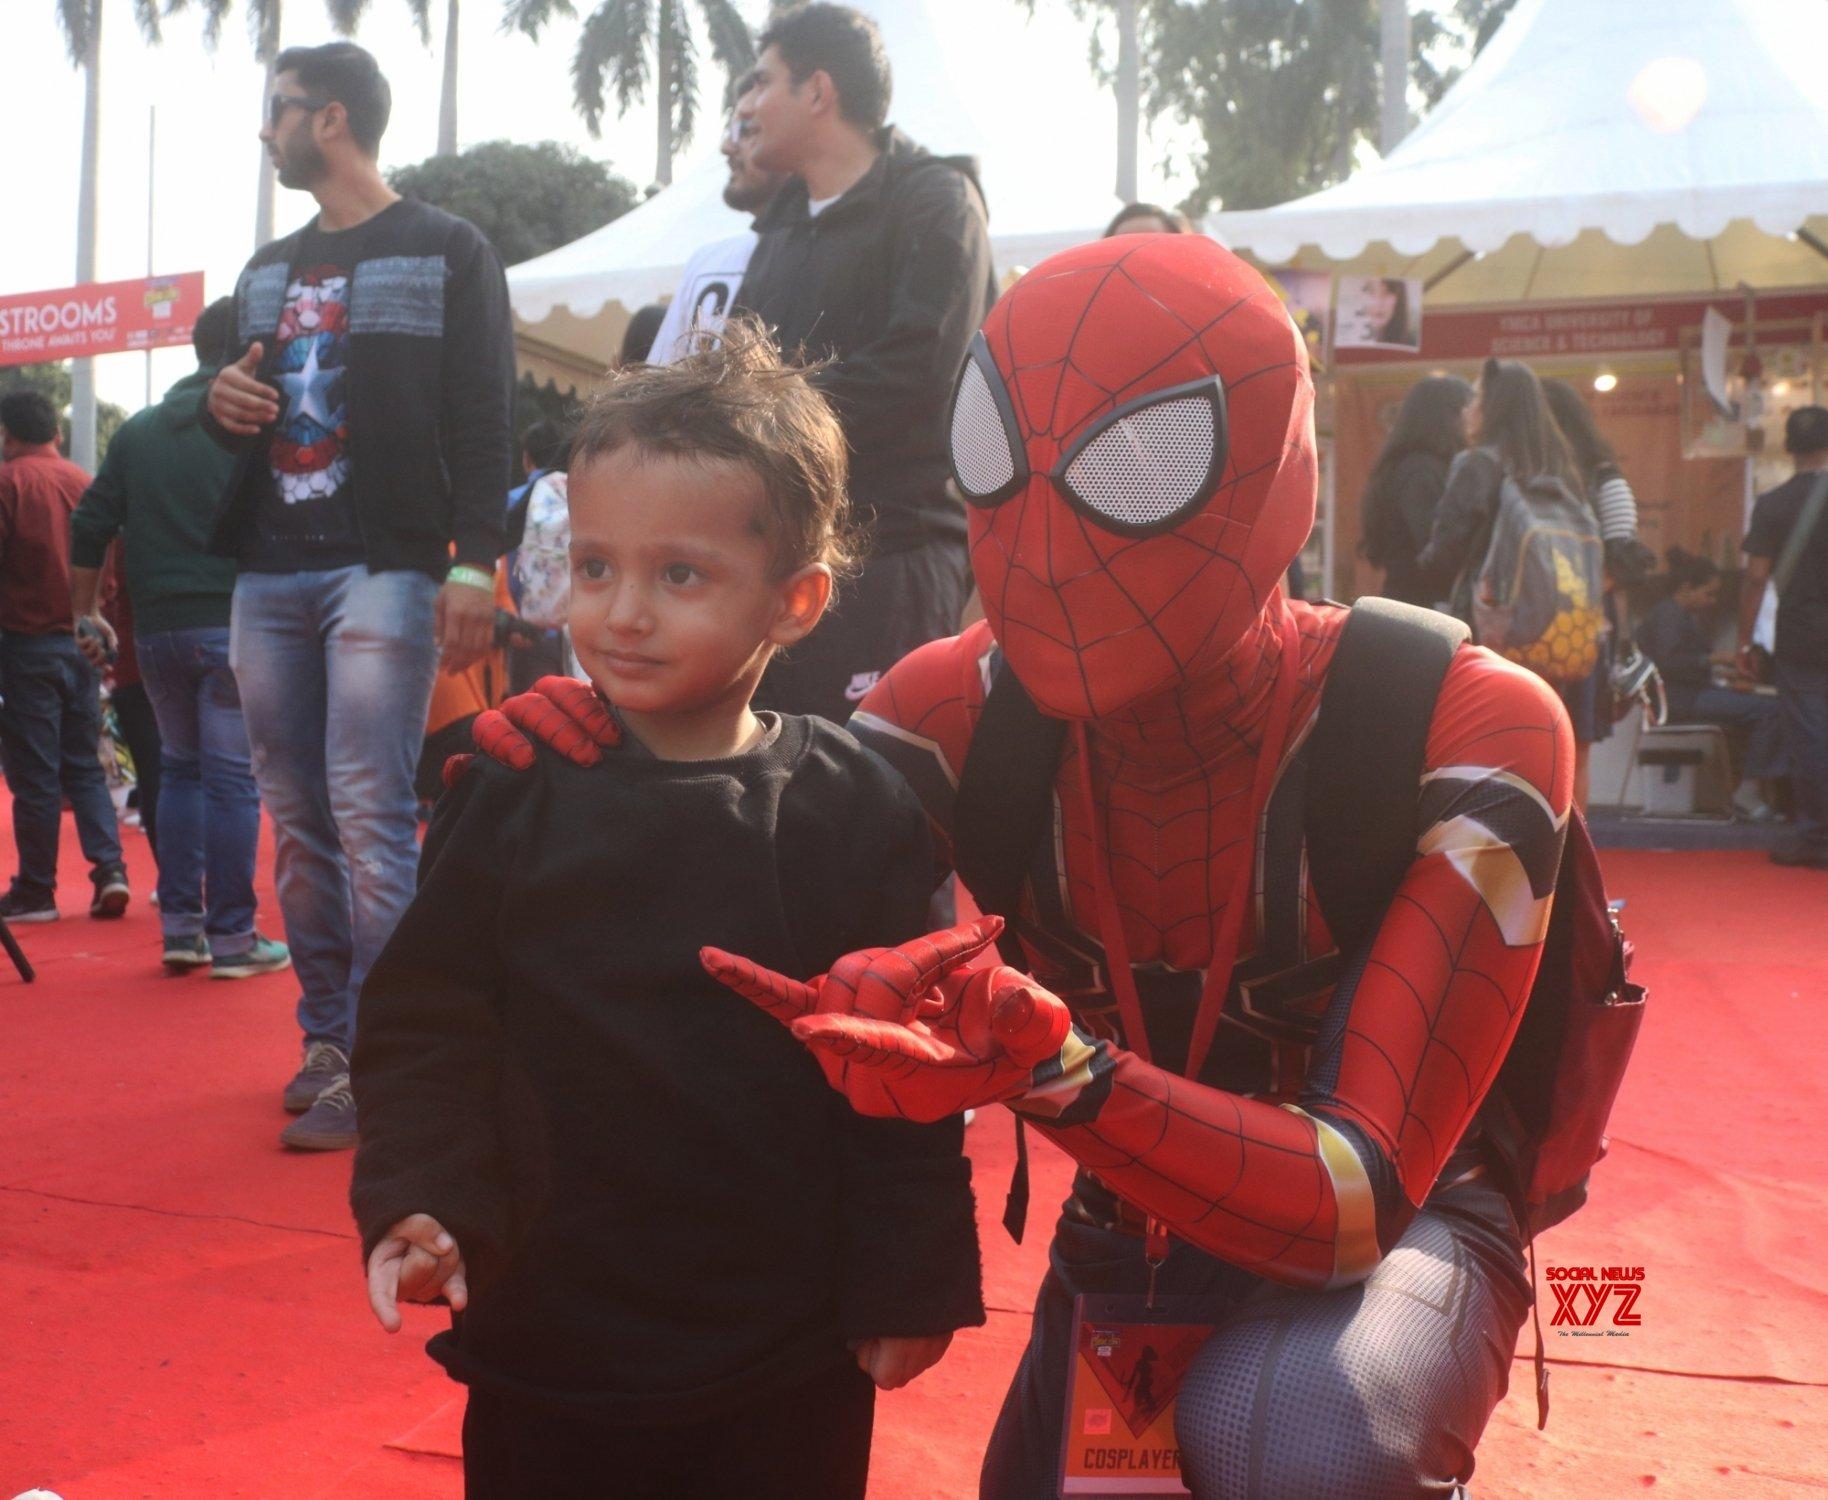 New Delhi: Comic Con #Gallery